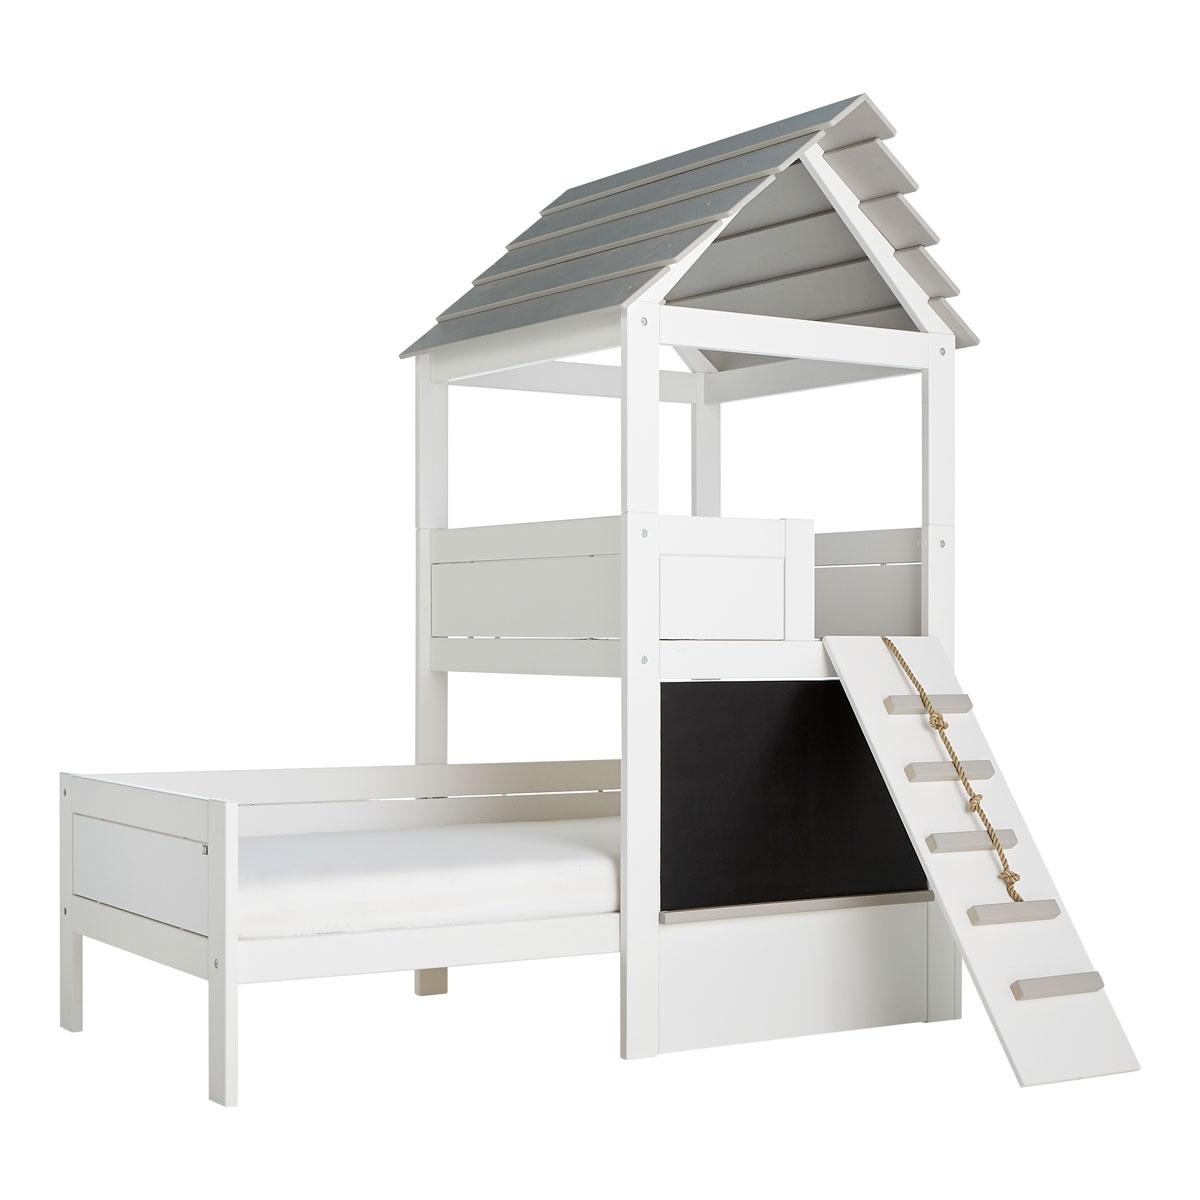 Full Size of Lifetime Play Tower Bett Metall Kopfteil 200x180 120 Cm Breit 140x200 Ohne Coole Betten 1 40x2 00 Kaufen Günstig Wickelbrett Für 160x200 Bett Lifetime Bett